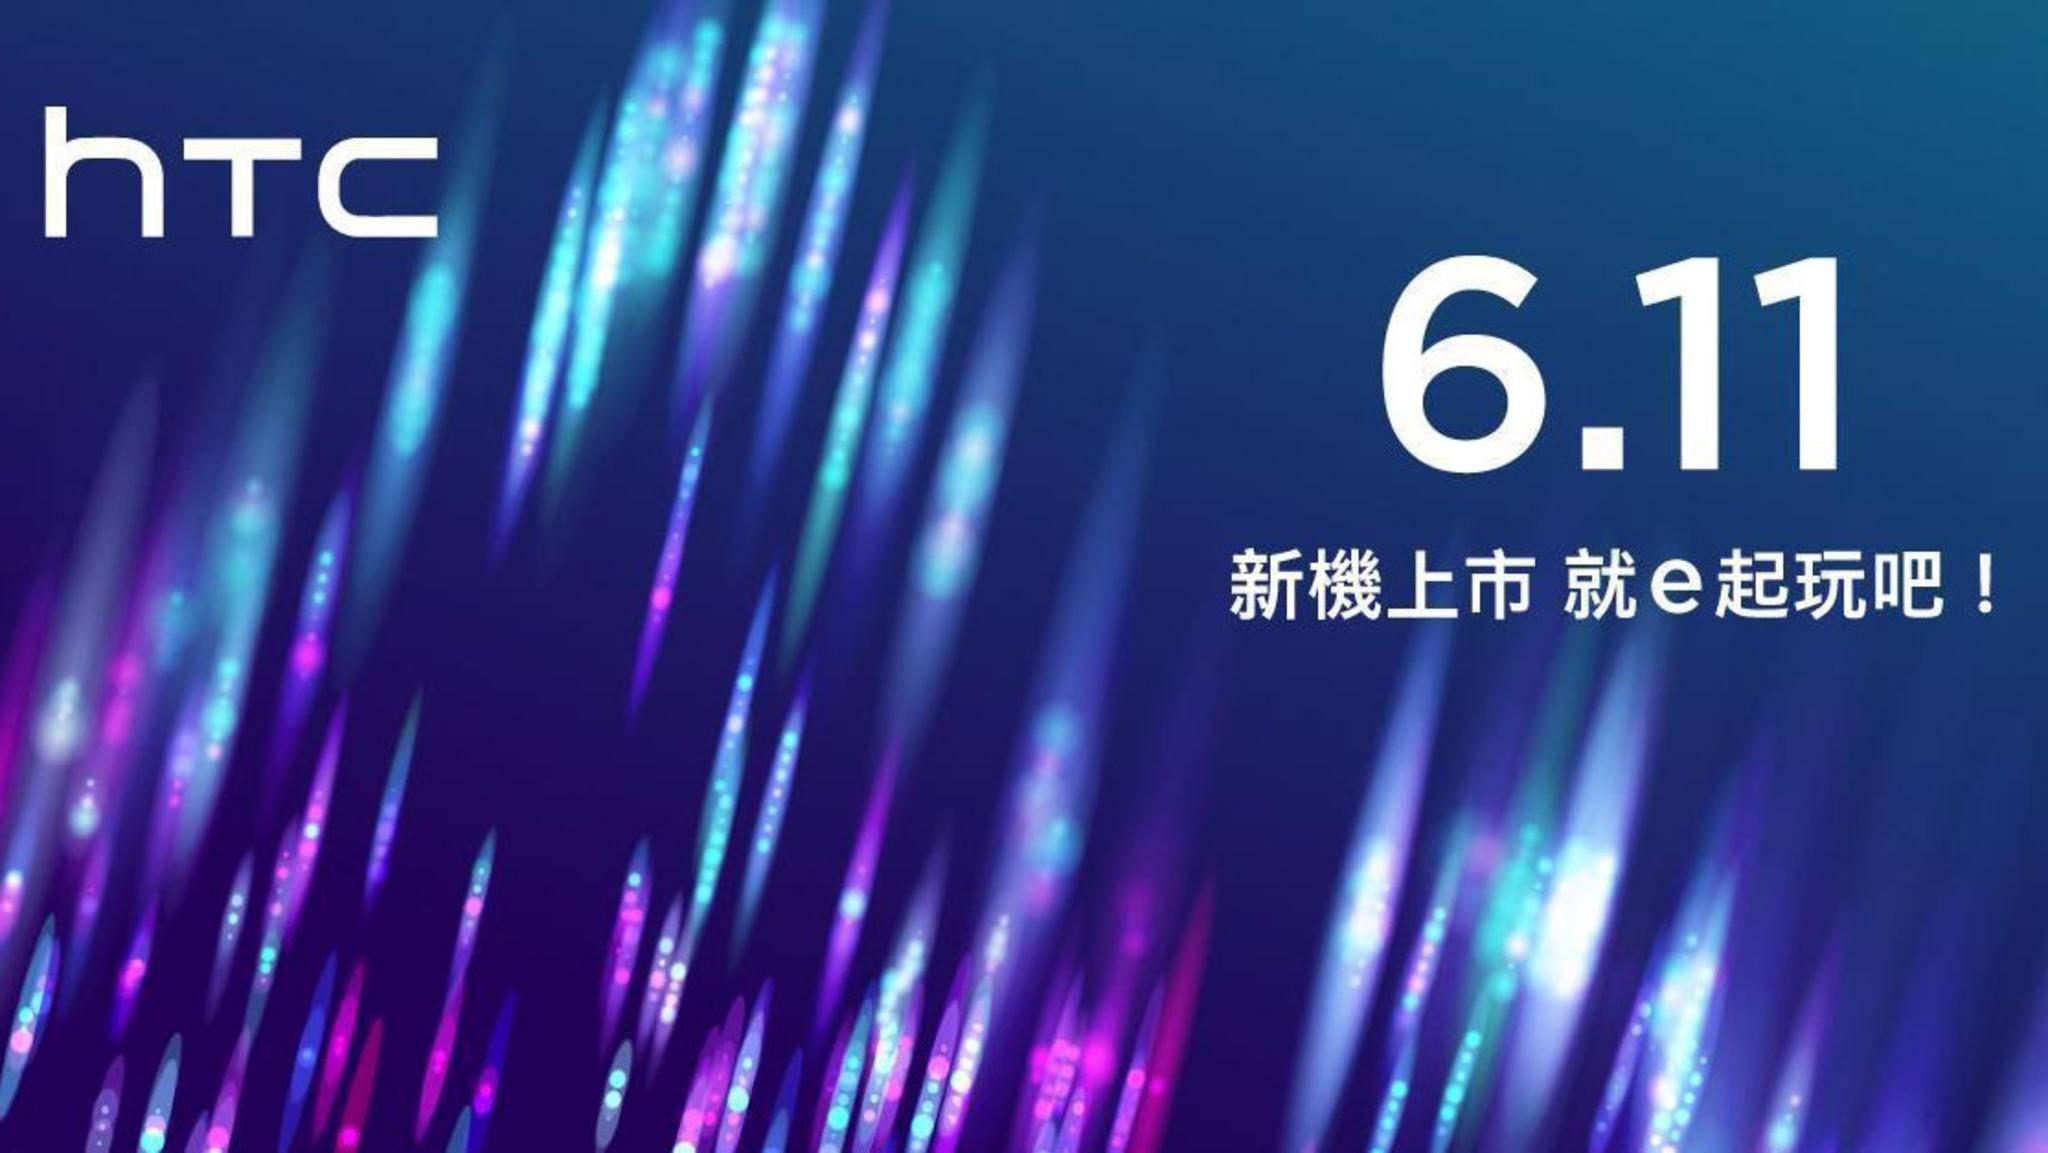 In der kommenden Woche wird HTC vermutlich ein neues Mittelklasse-Handy enthüllen.